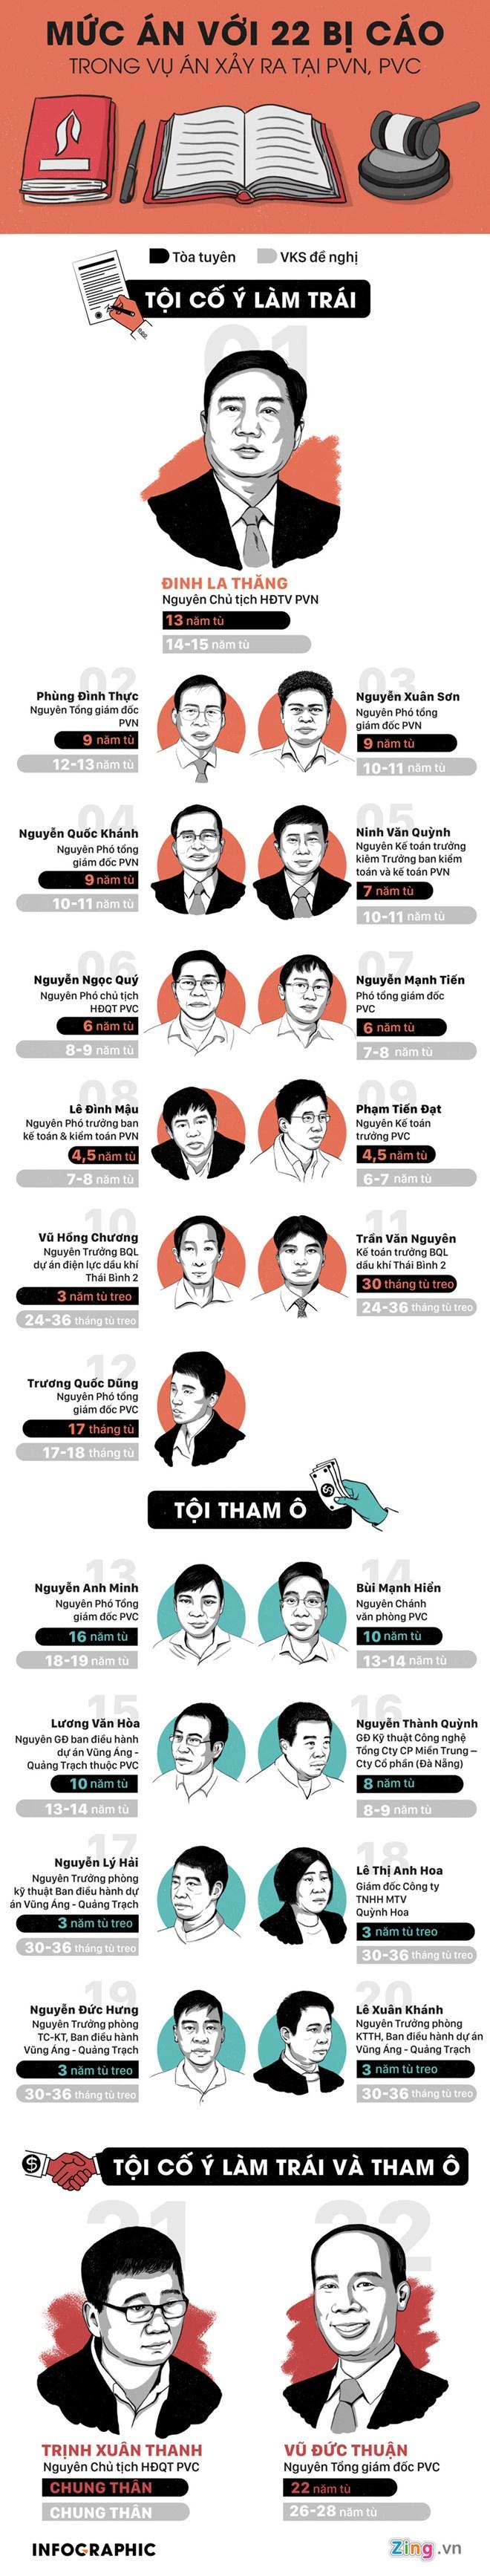 VKS de nghi y an Dinh La Thang 13 nam tu hinh anh 3